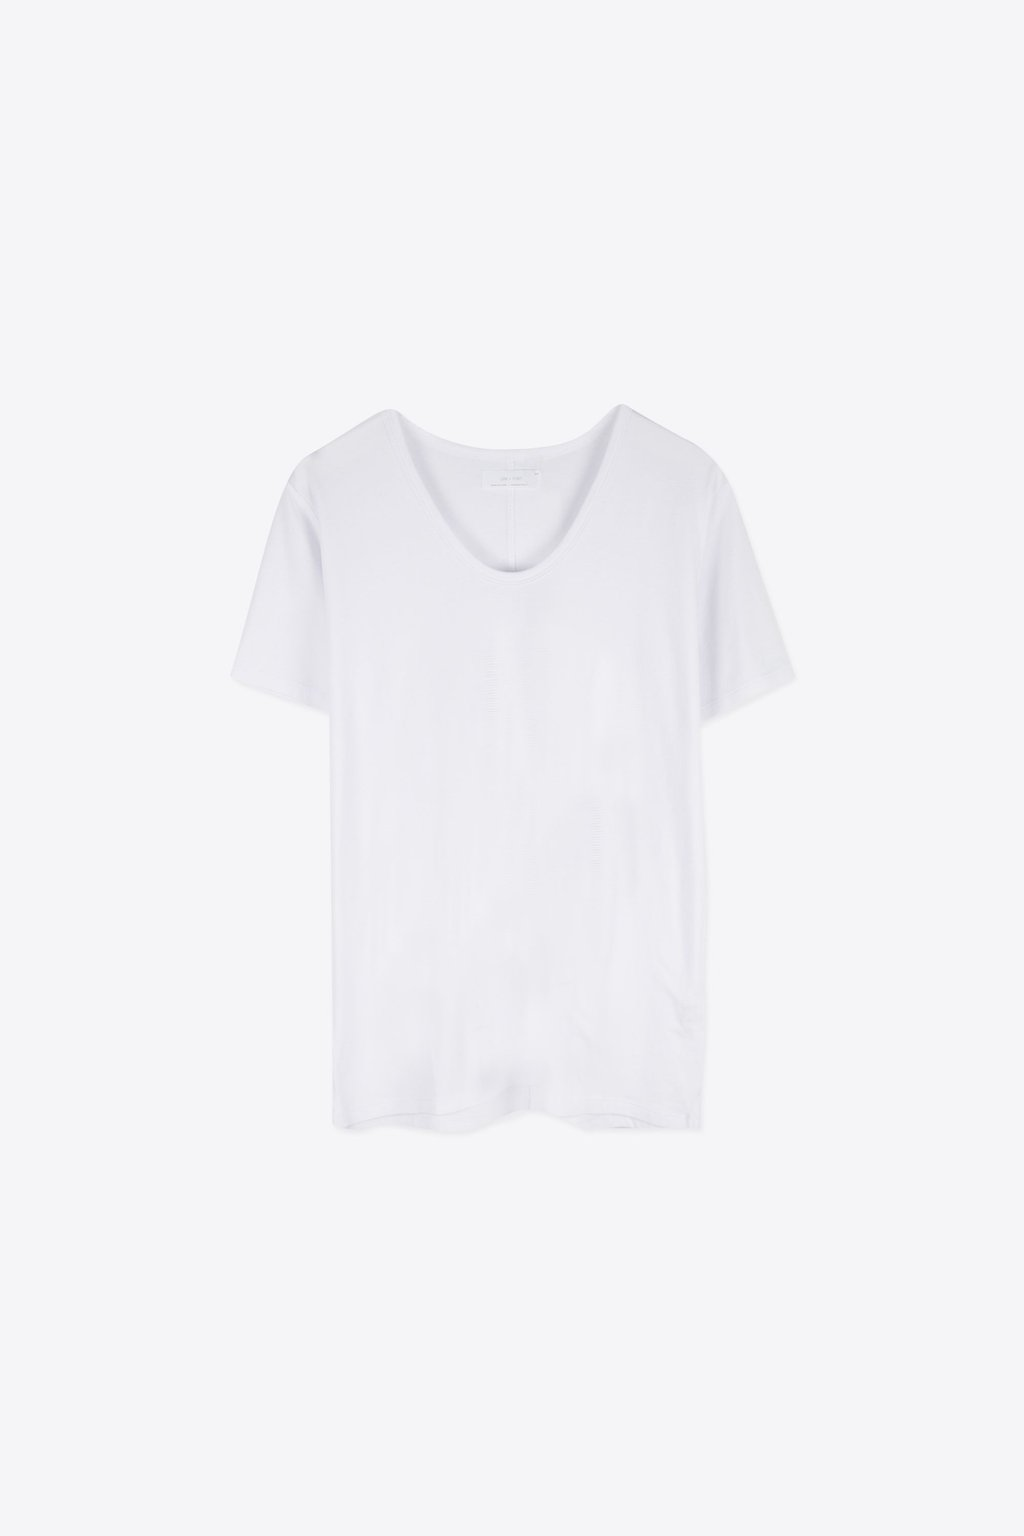 TShirt 1538 White 9